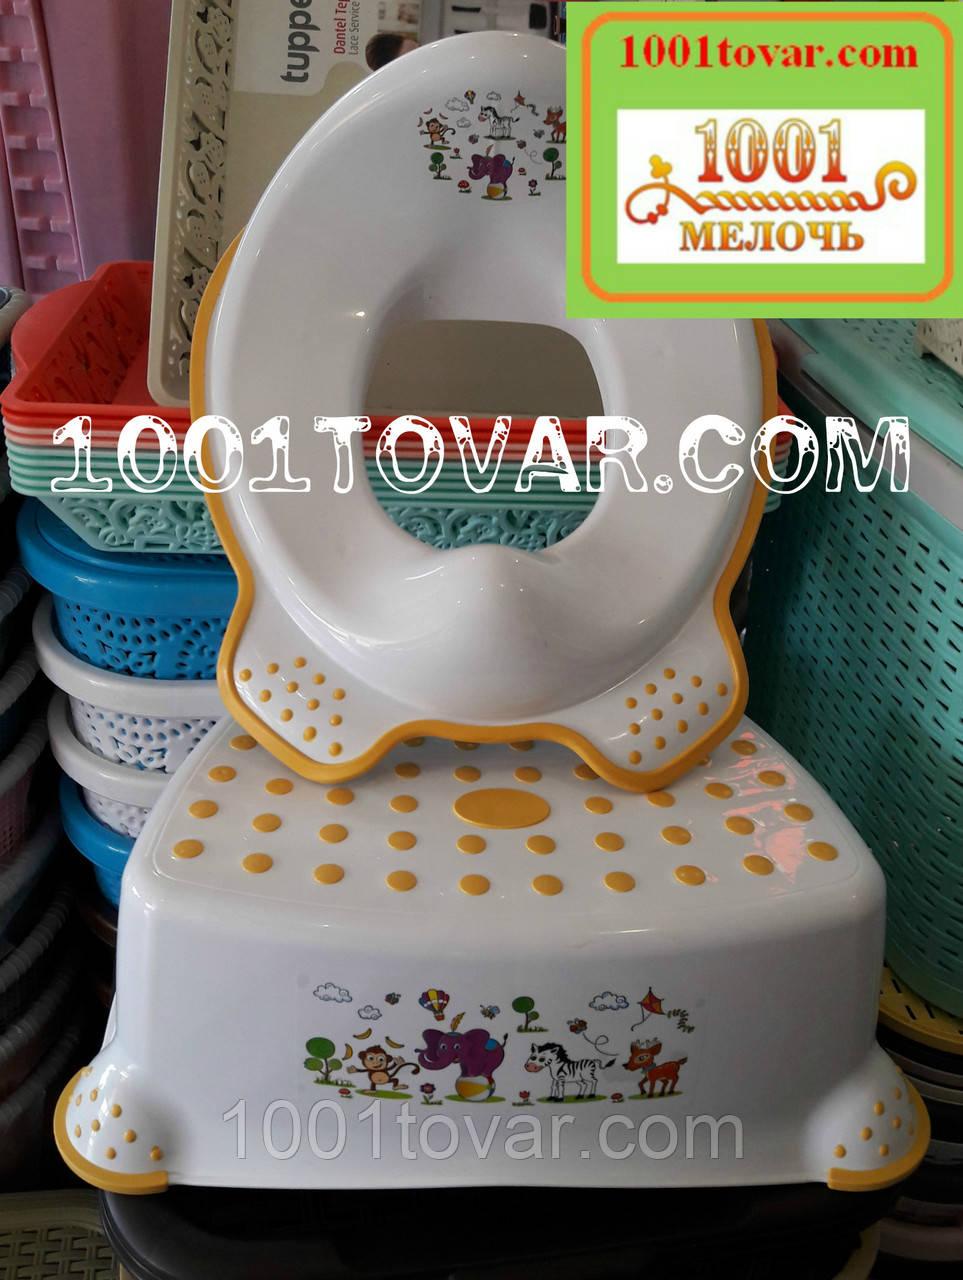 Антискользящая детская пластиковая накладка (адаптер) на унитаз и ступенька - подставка